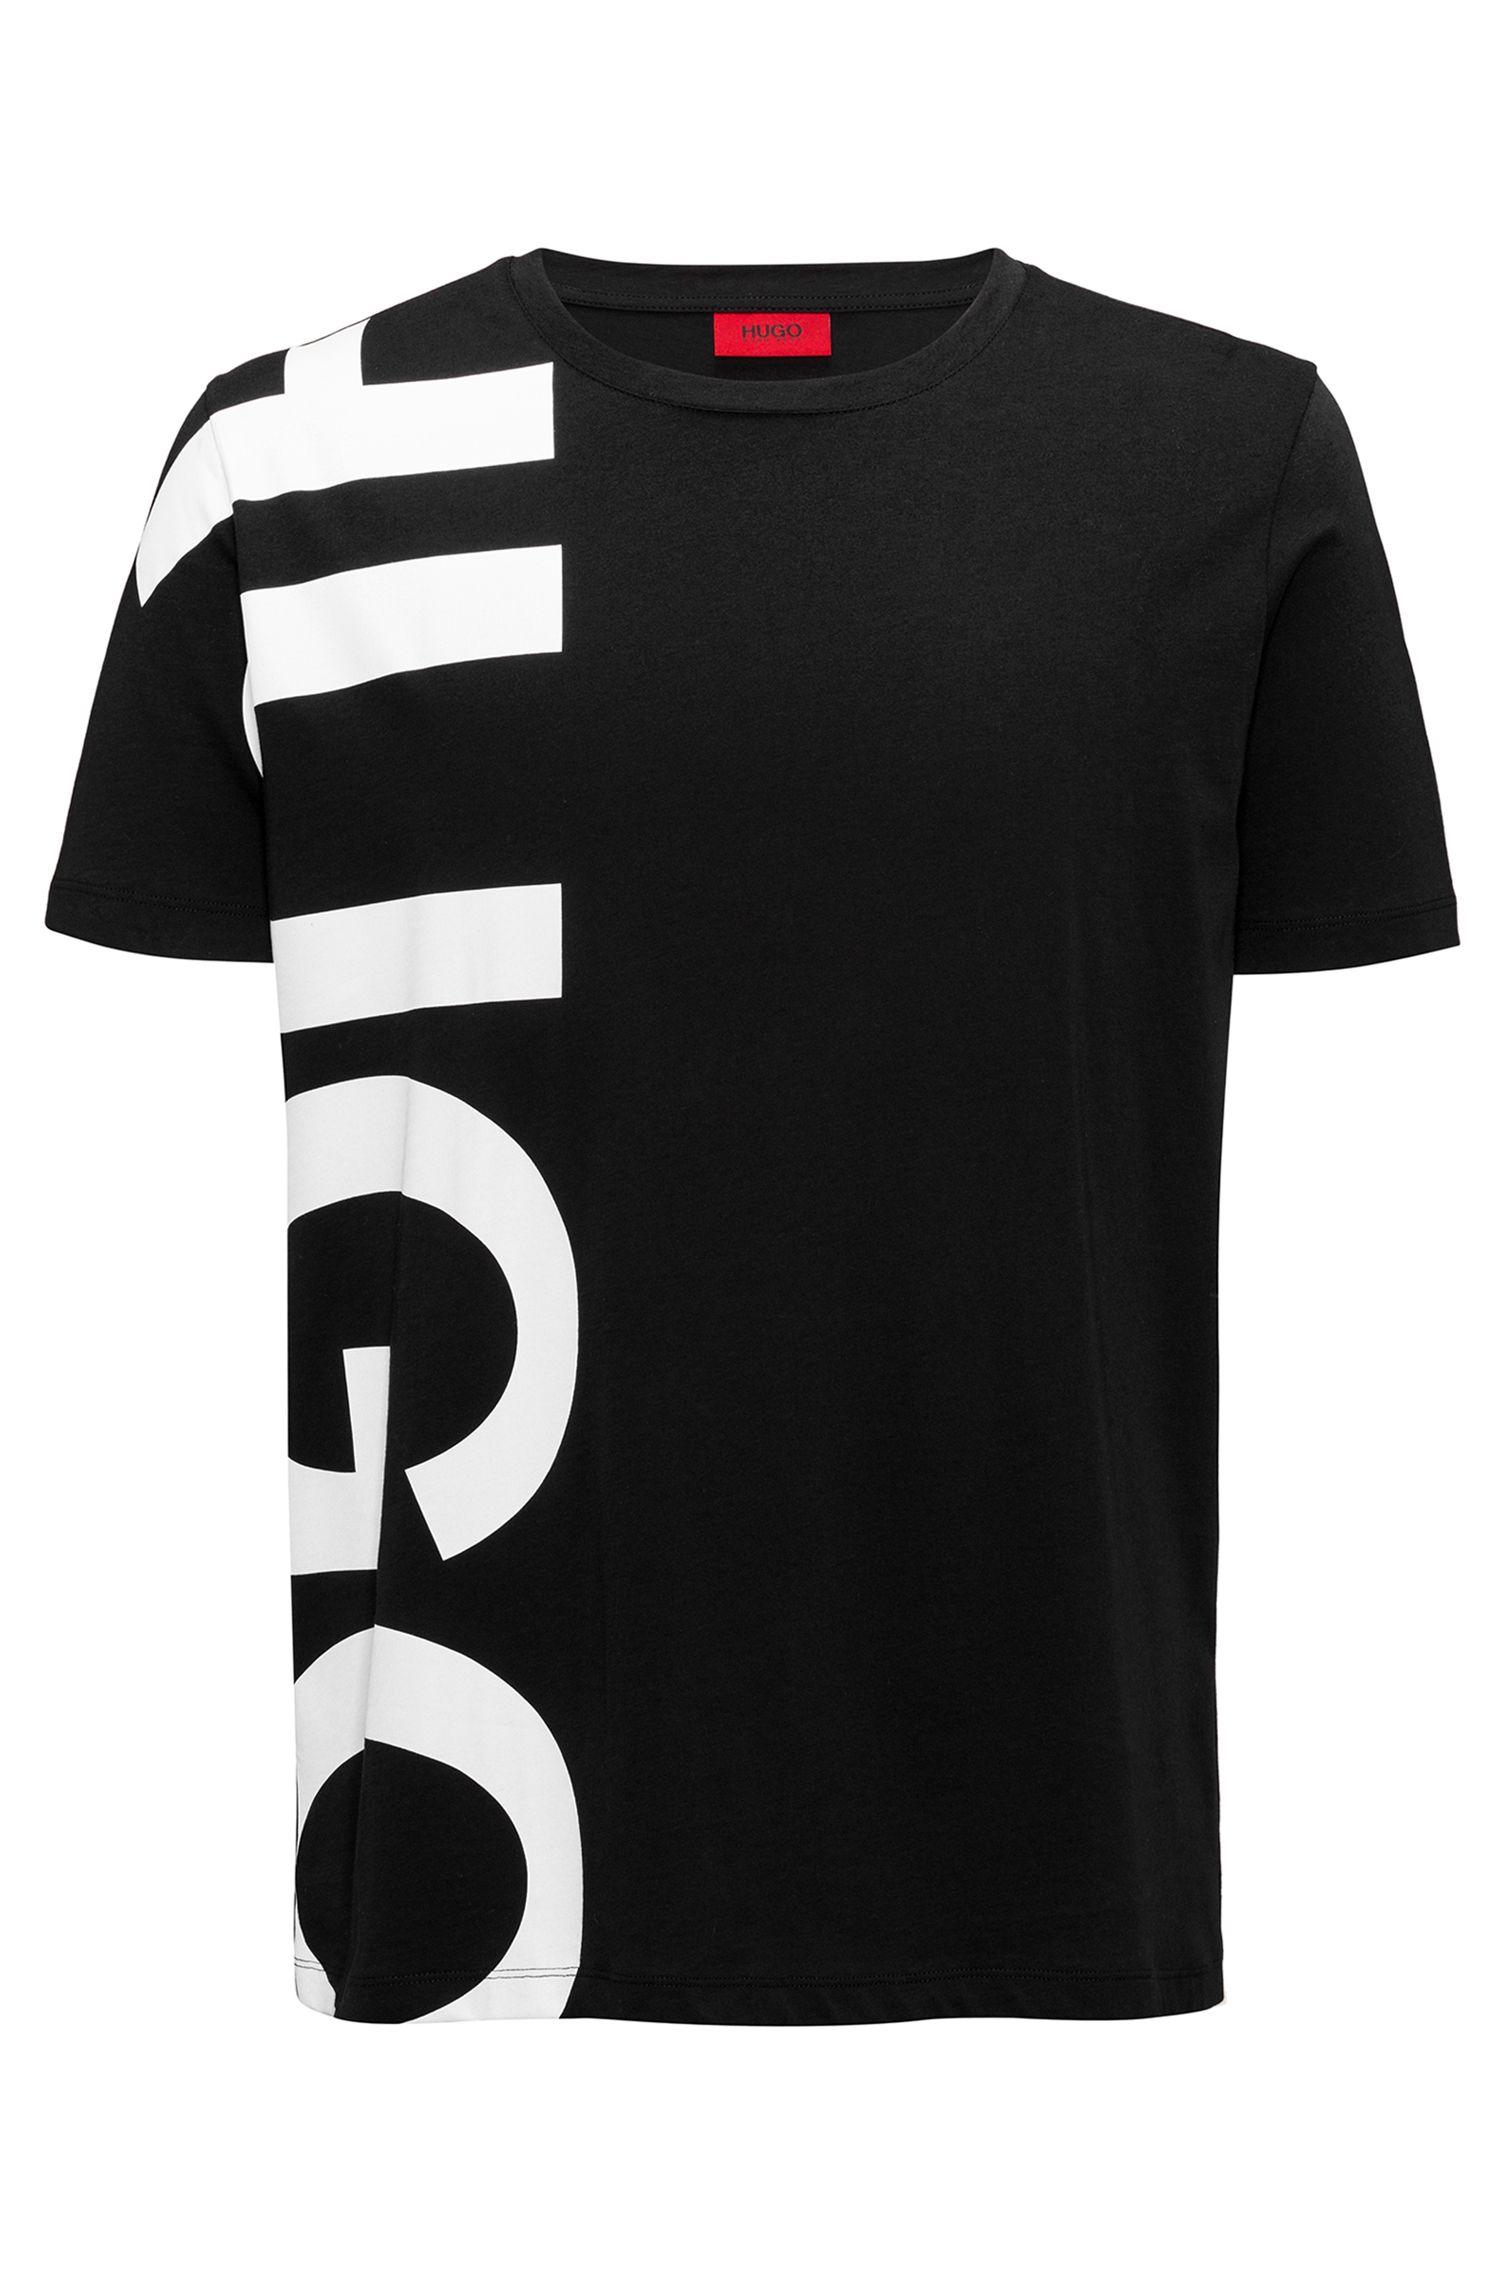 Logo Graphic T-Shirt | Daws, Black